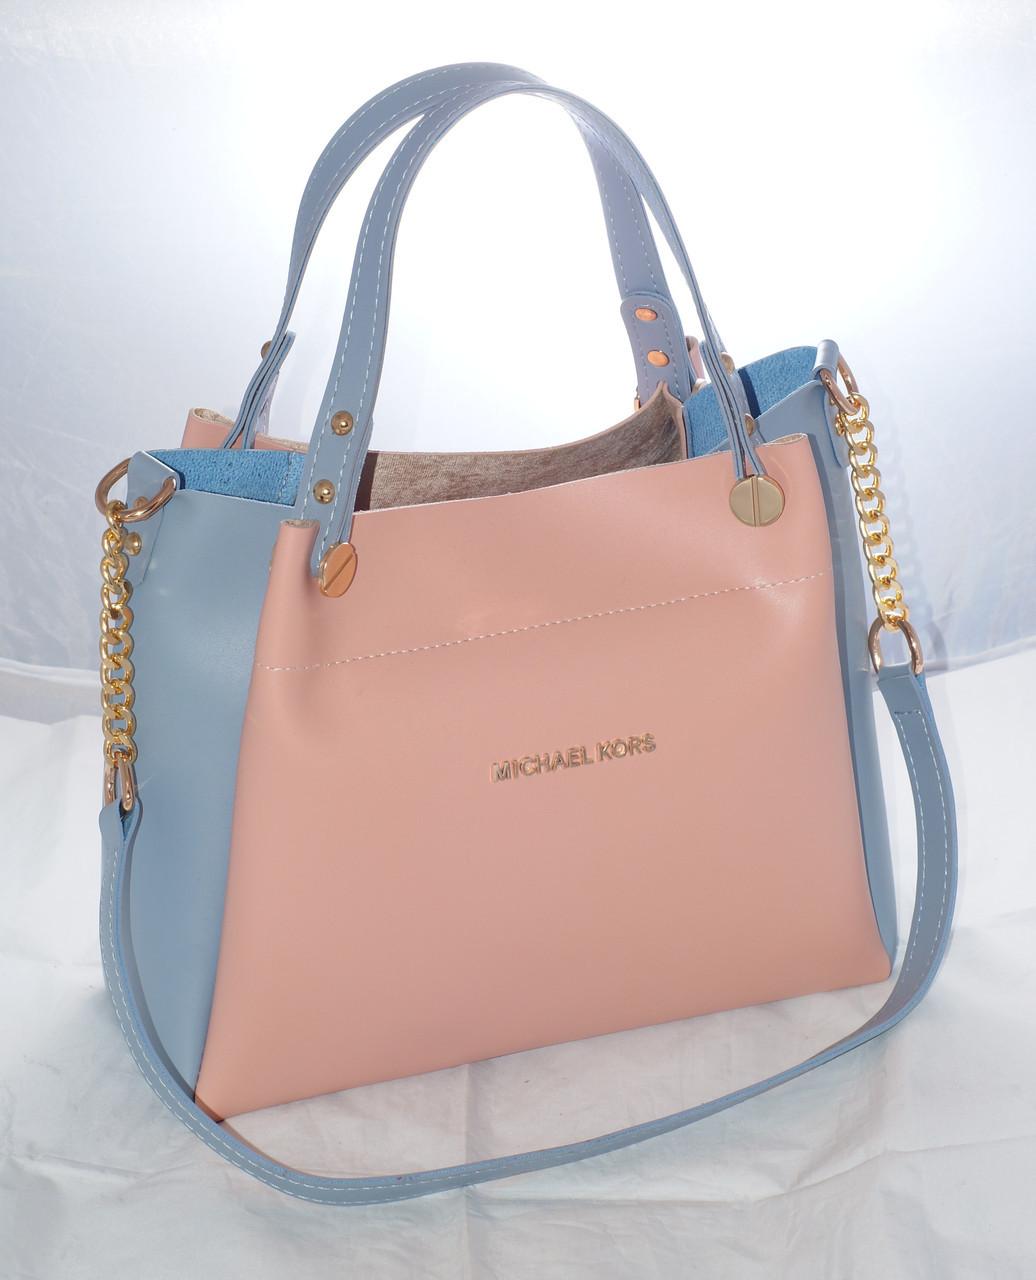 4509c7f42882 Женская сумка Michael Kors (Майкл Корс), розовая с голубым - LiveBag в Киеве